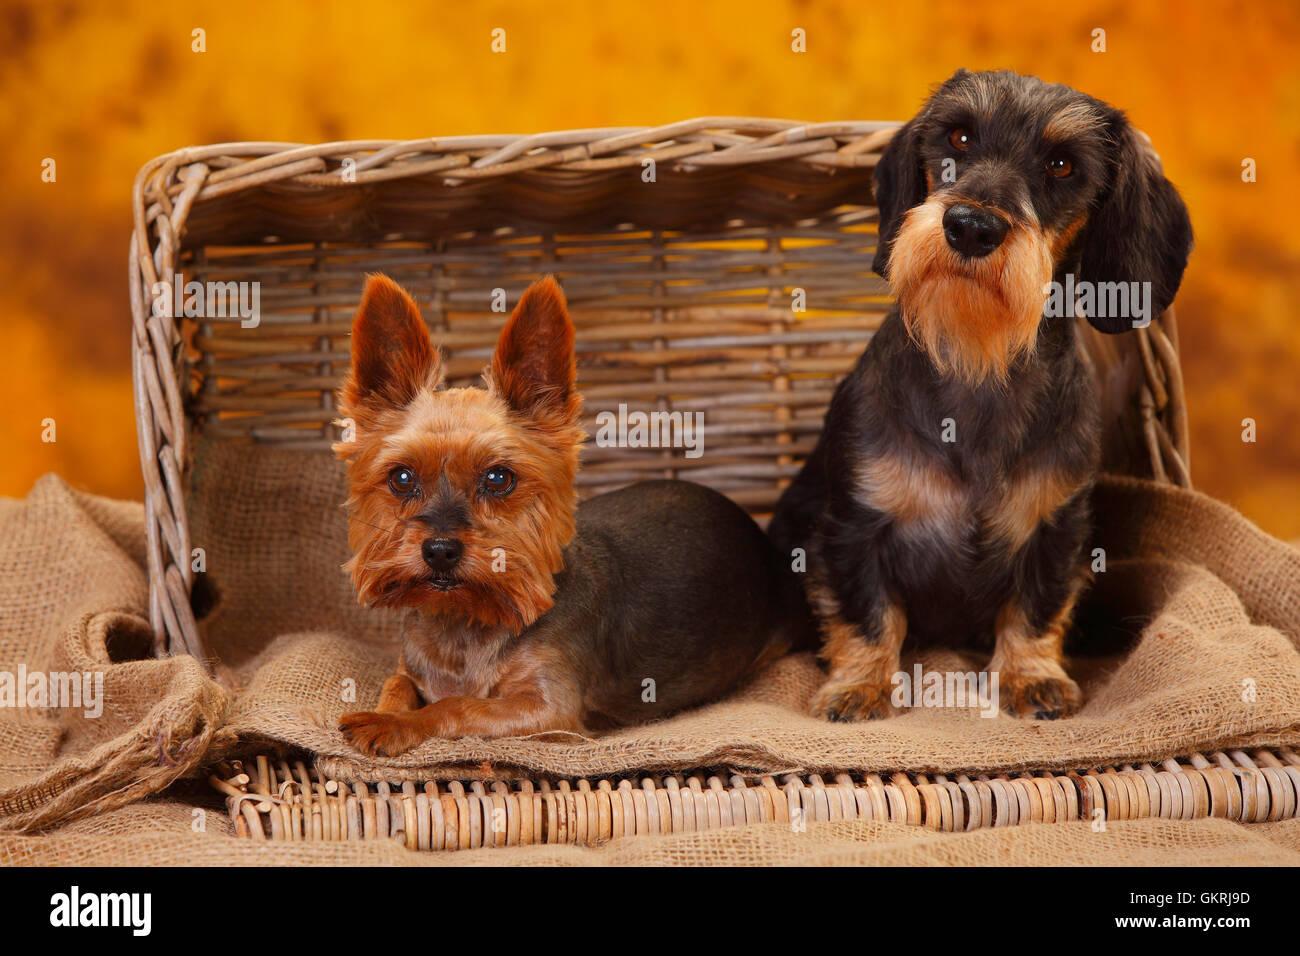 Yorkshire Terrier and Miniature Wirehaired Dachshund|Yorkshire Terrier und Zwergrauhaardackel Stock Photo